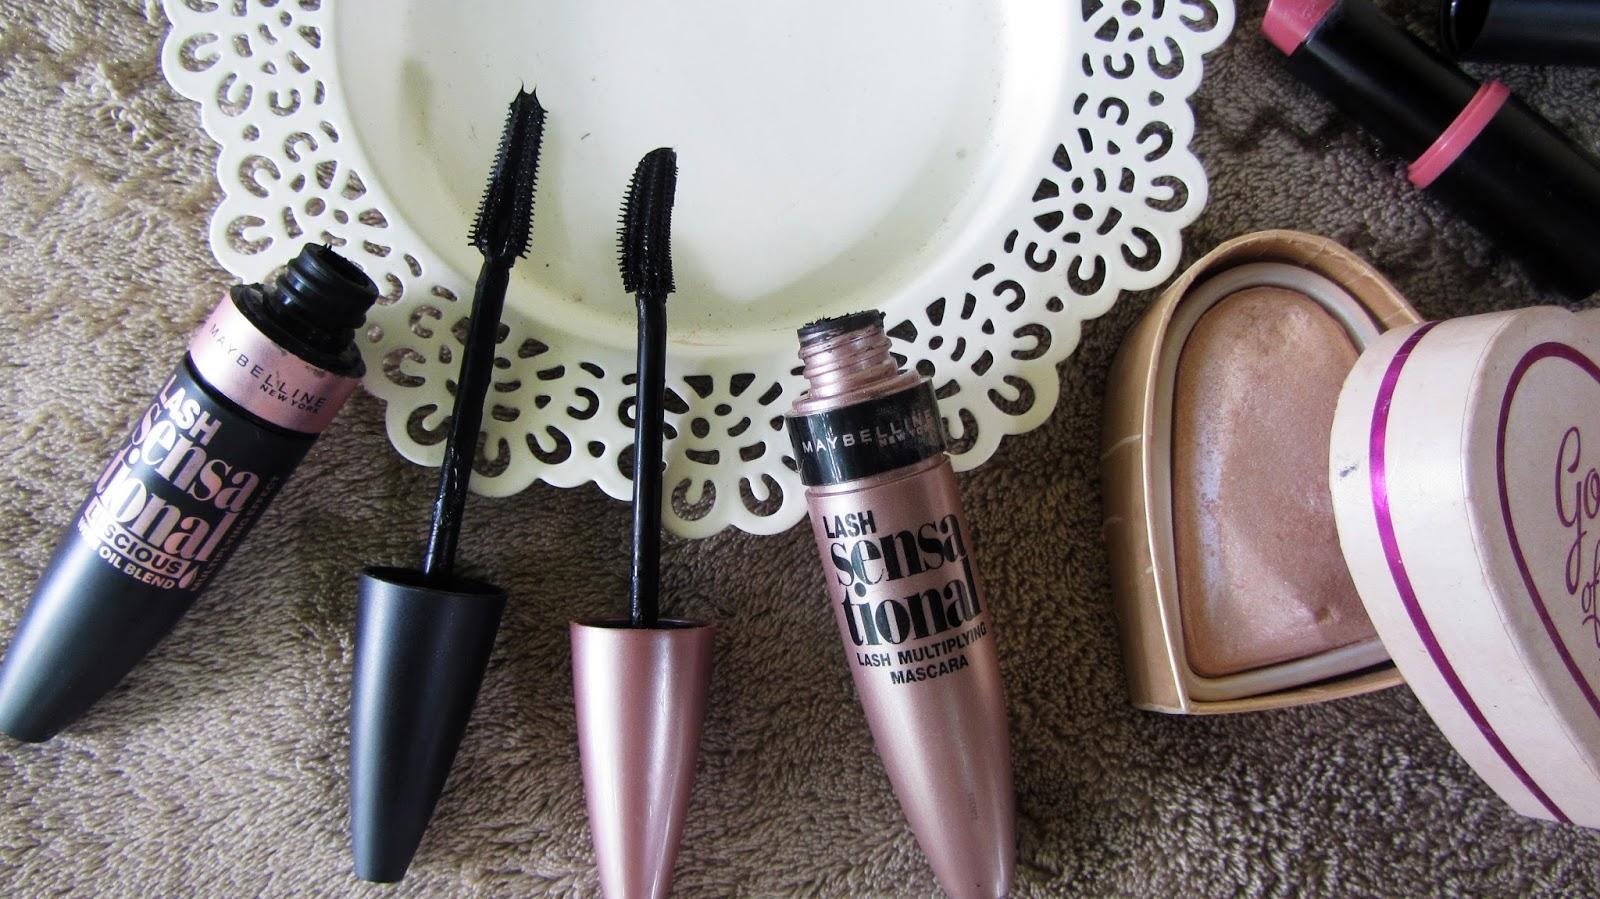 f1b10f228bb Tusz umieszczony jest w różowej, perłowej buteleczce charakterystycznej dla  tej firmy, o pojemności 9,5 ml z czarnym napisem.